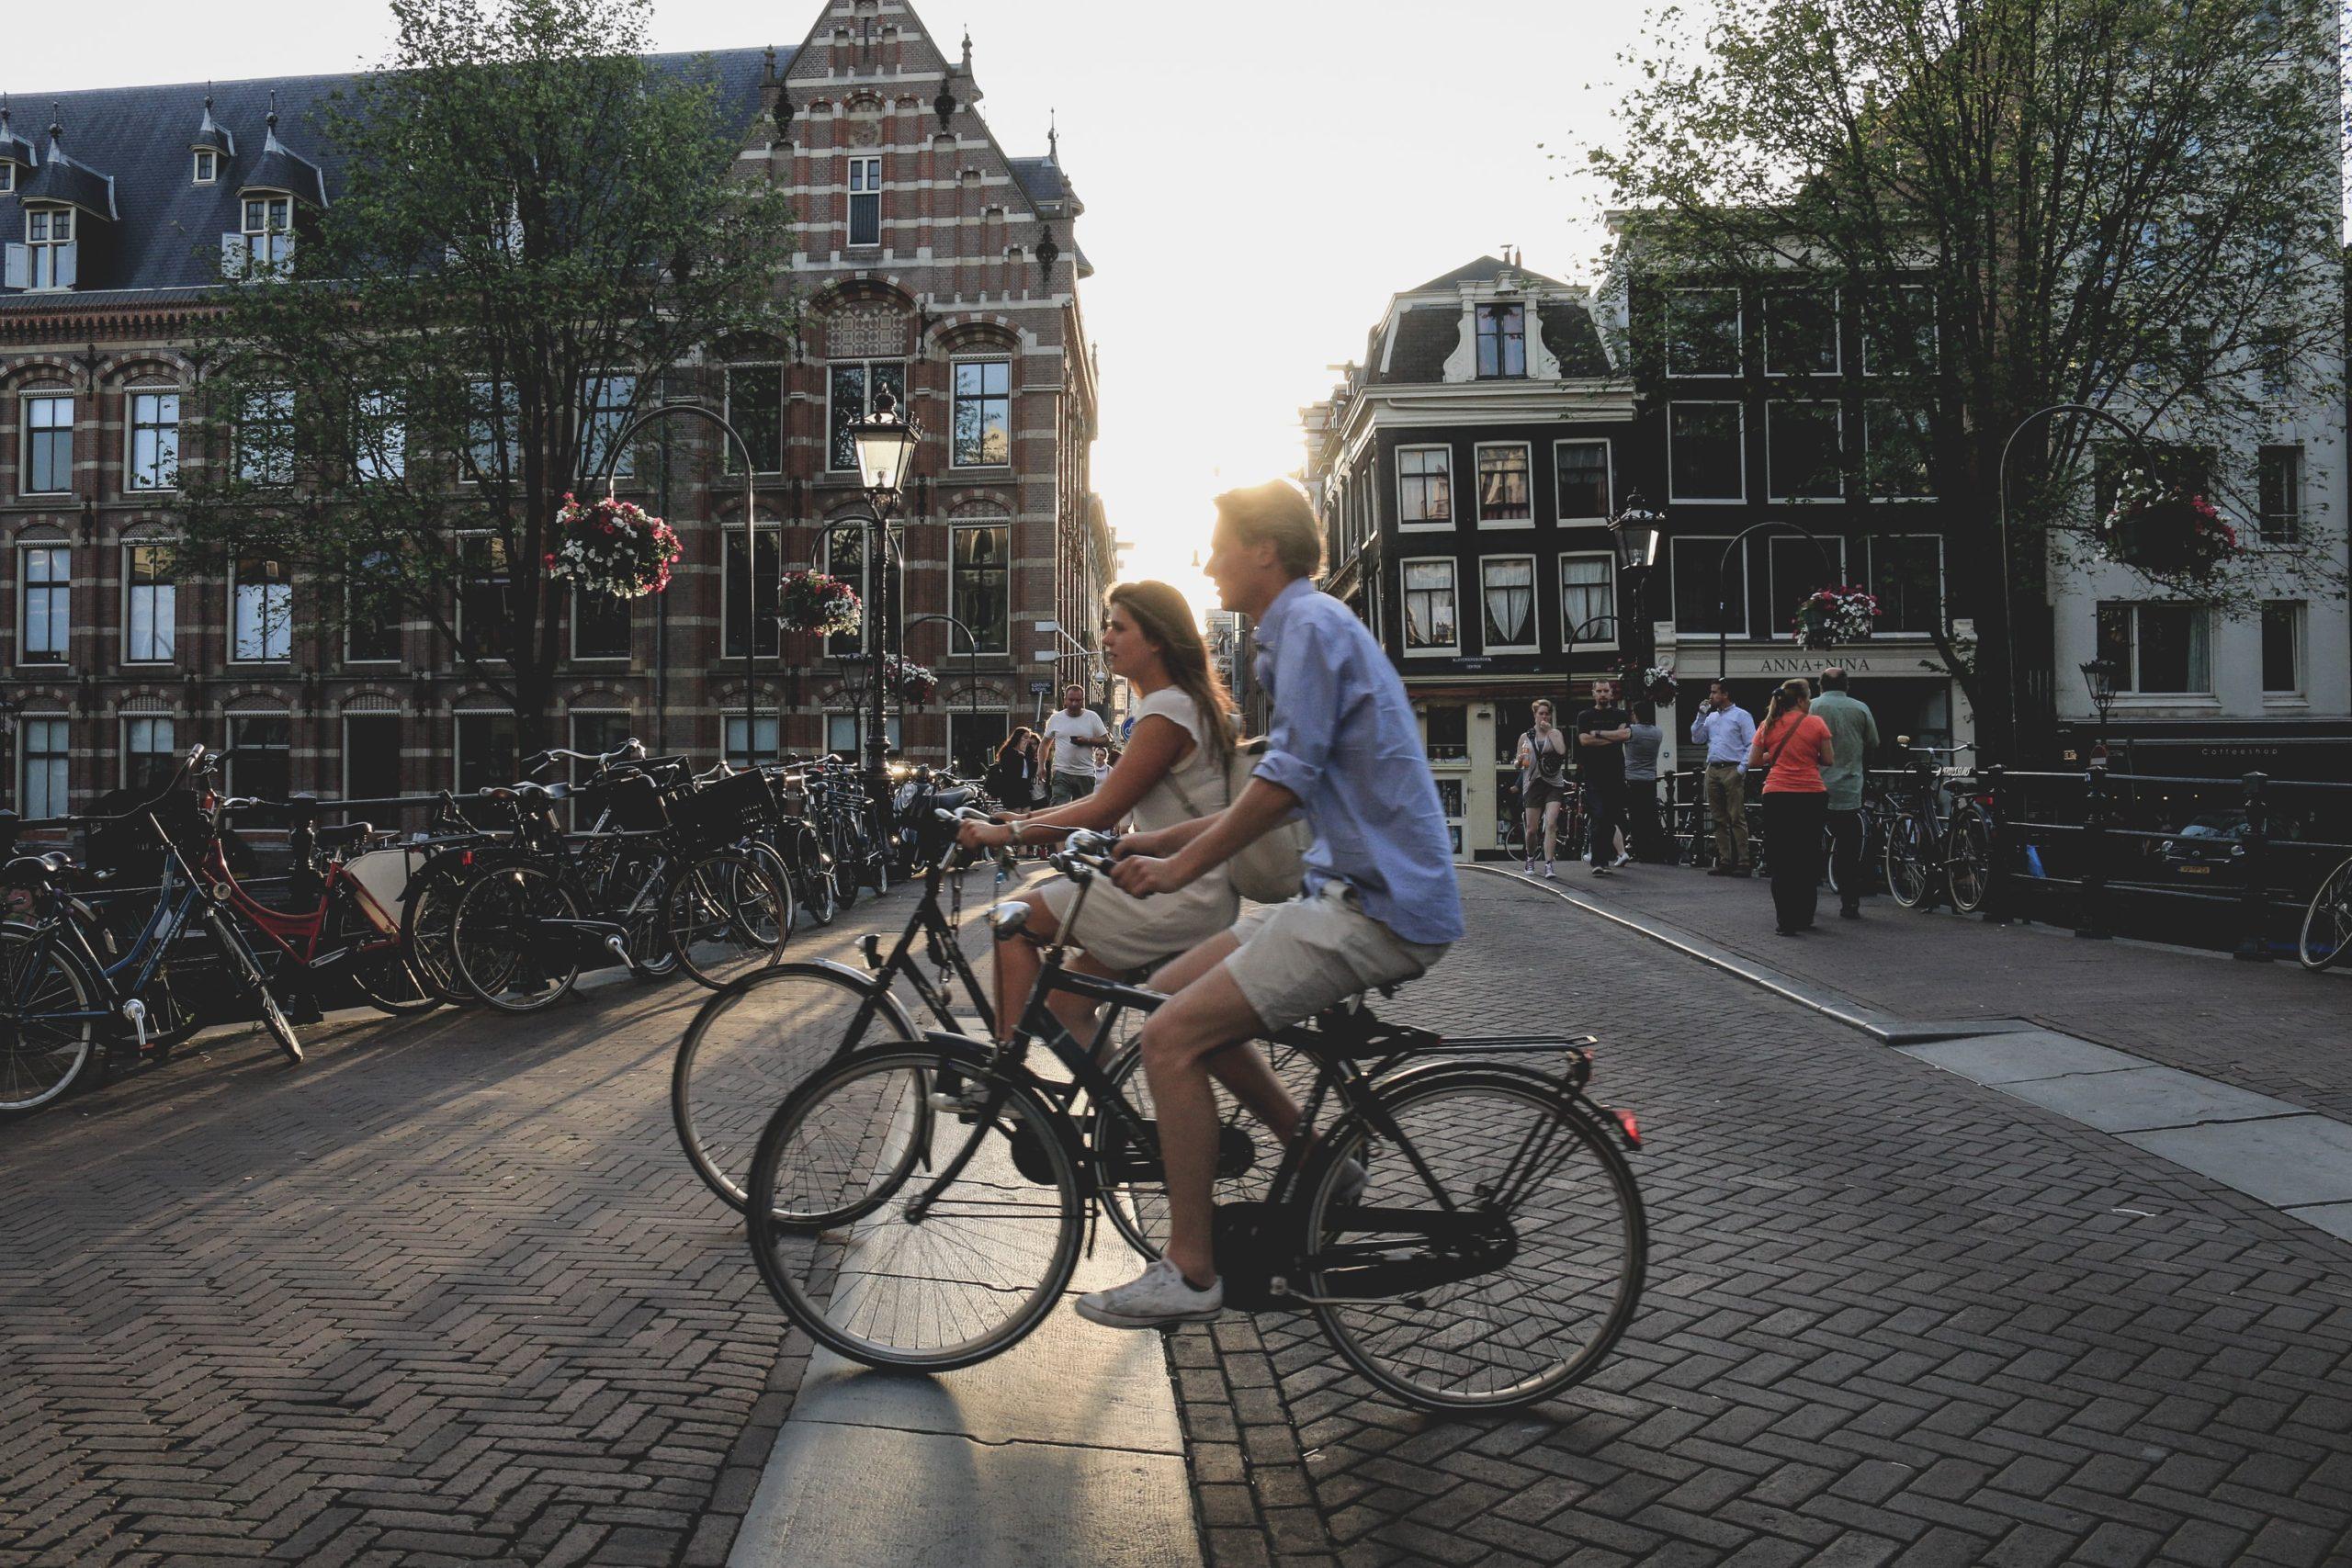 自転車保険とは?自転車保険の詳細をわかりやすく解説